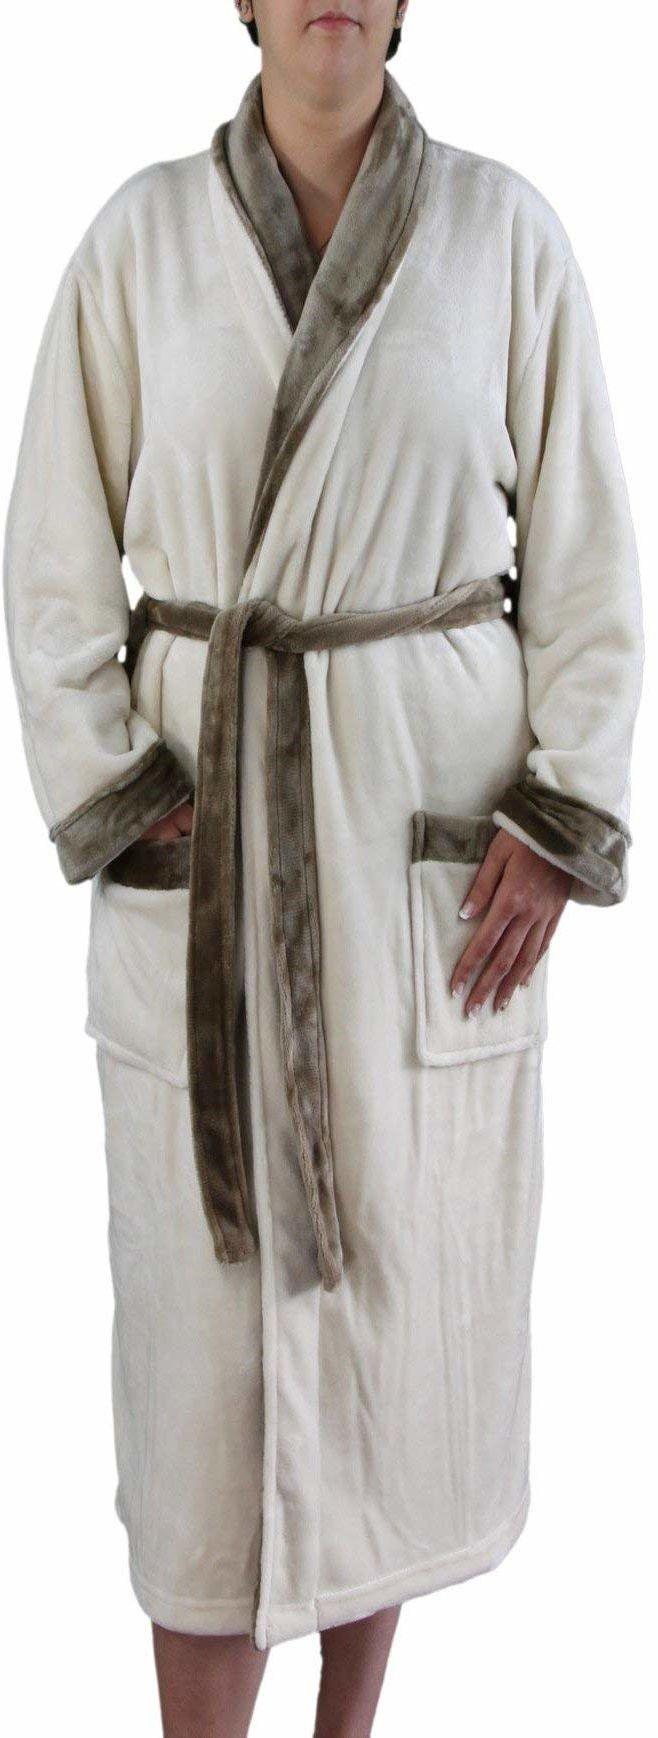 Gözze Damski i męski szlafrok kąpielowy z kołnierzem szalikowym, imitacja jedwabiu, rozmiar XL, biały wełniany, 20014-00-4